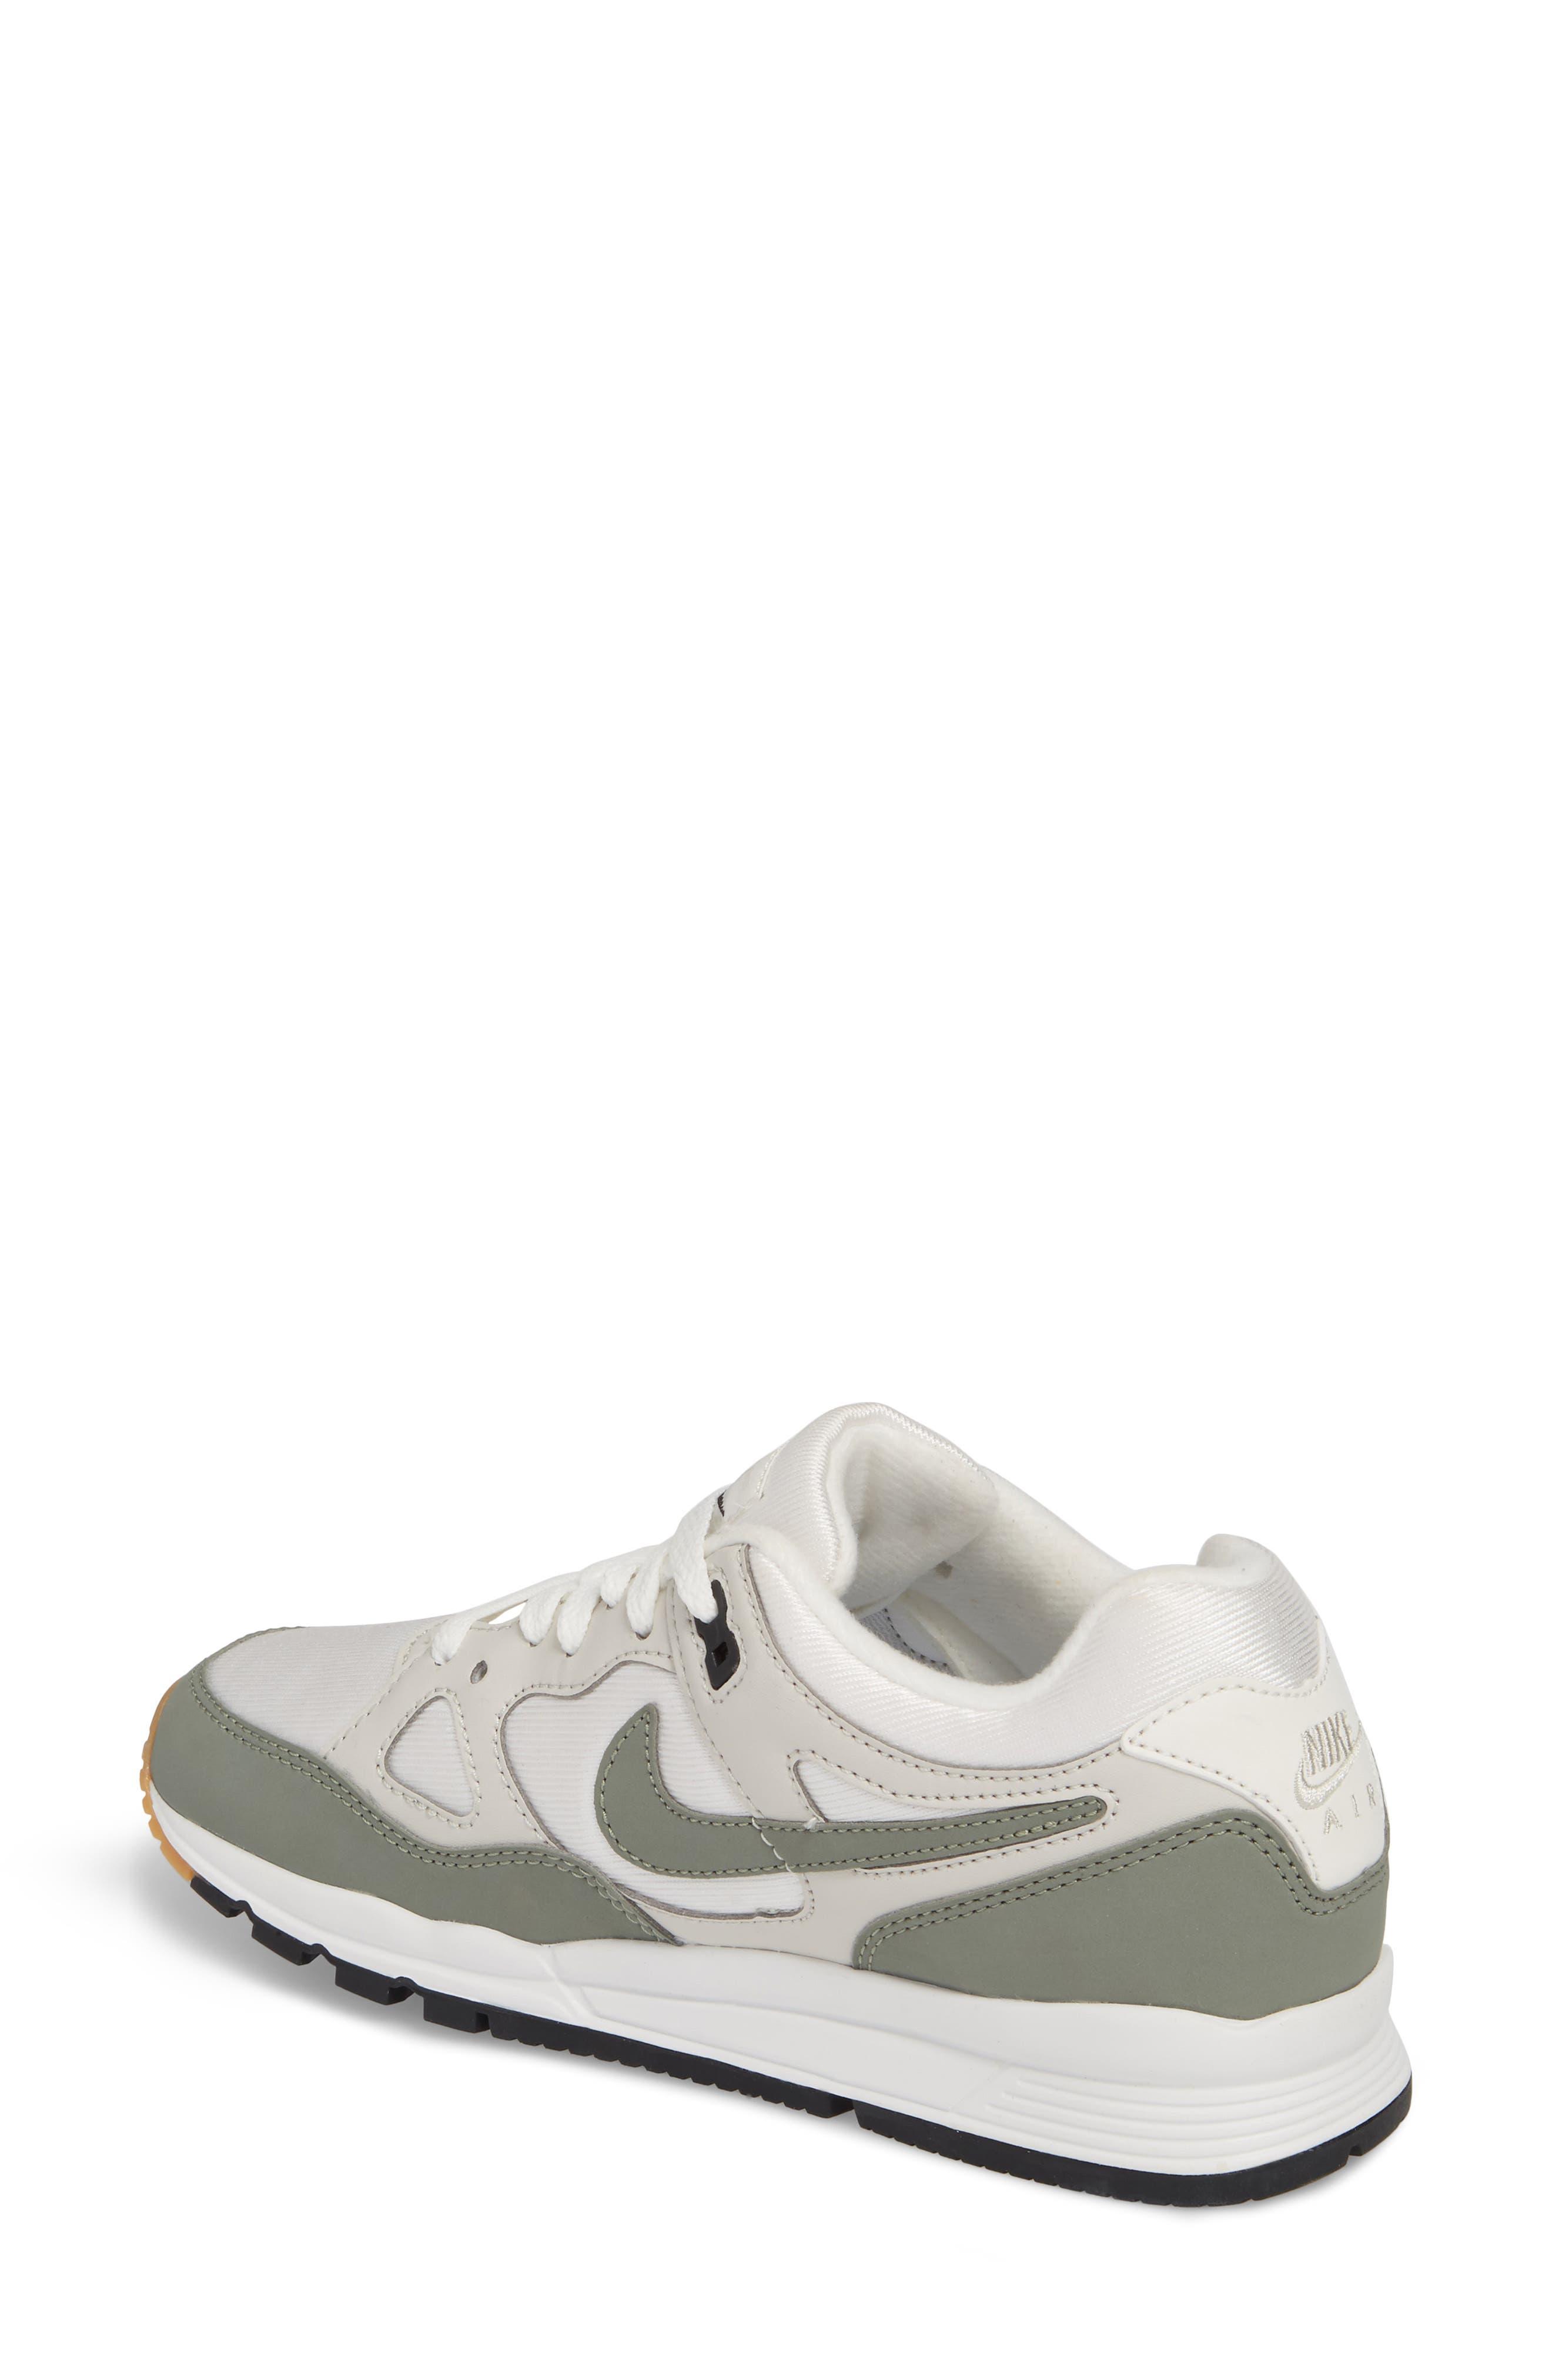 NIKE,                             Air Span II Sneaker,                             Alternate thumbnail 2, color,                             020